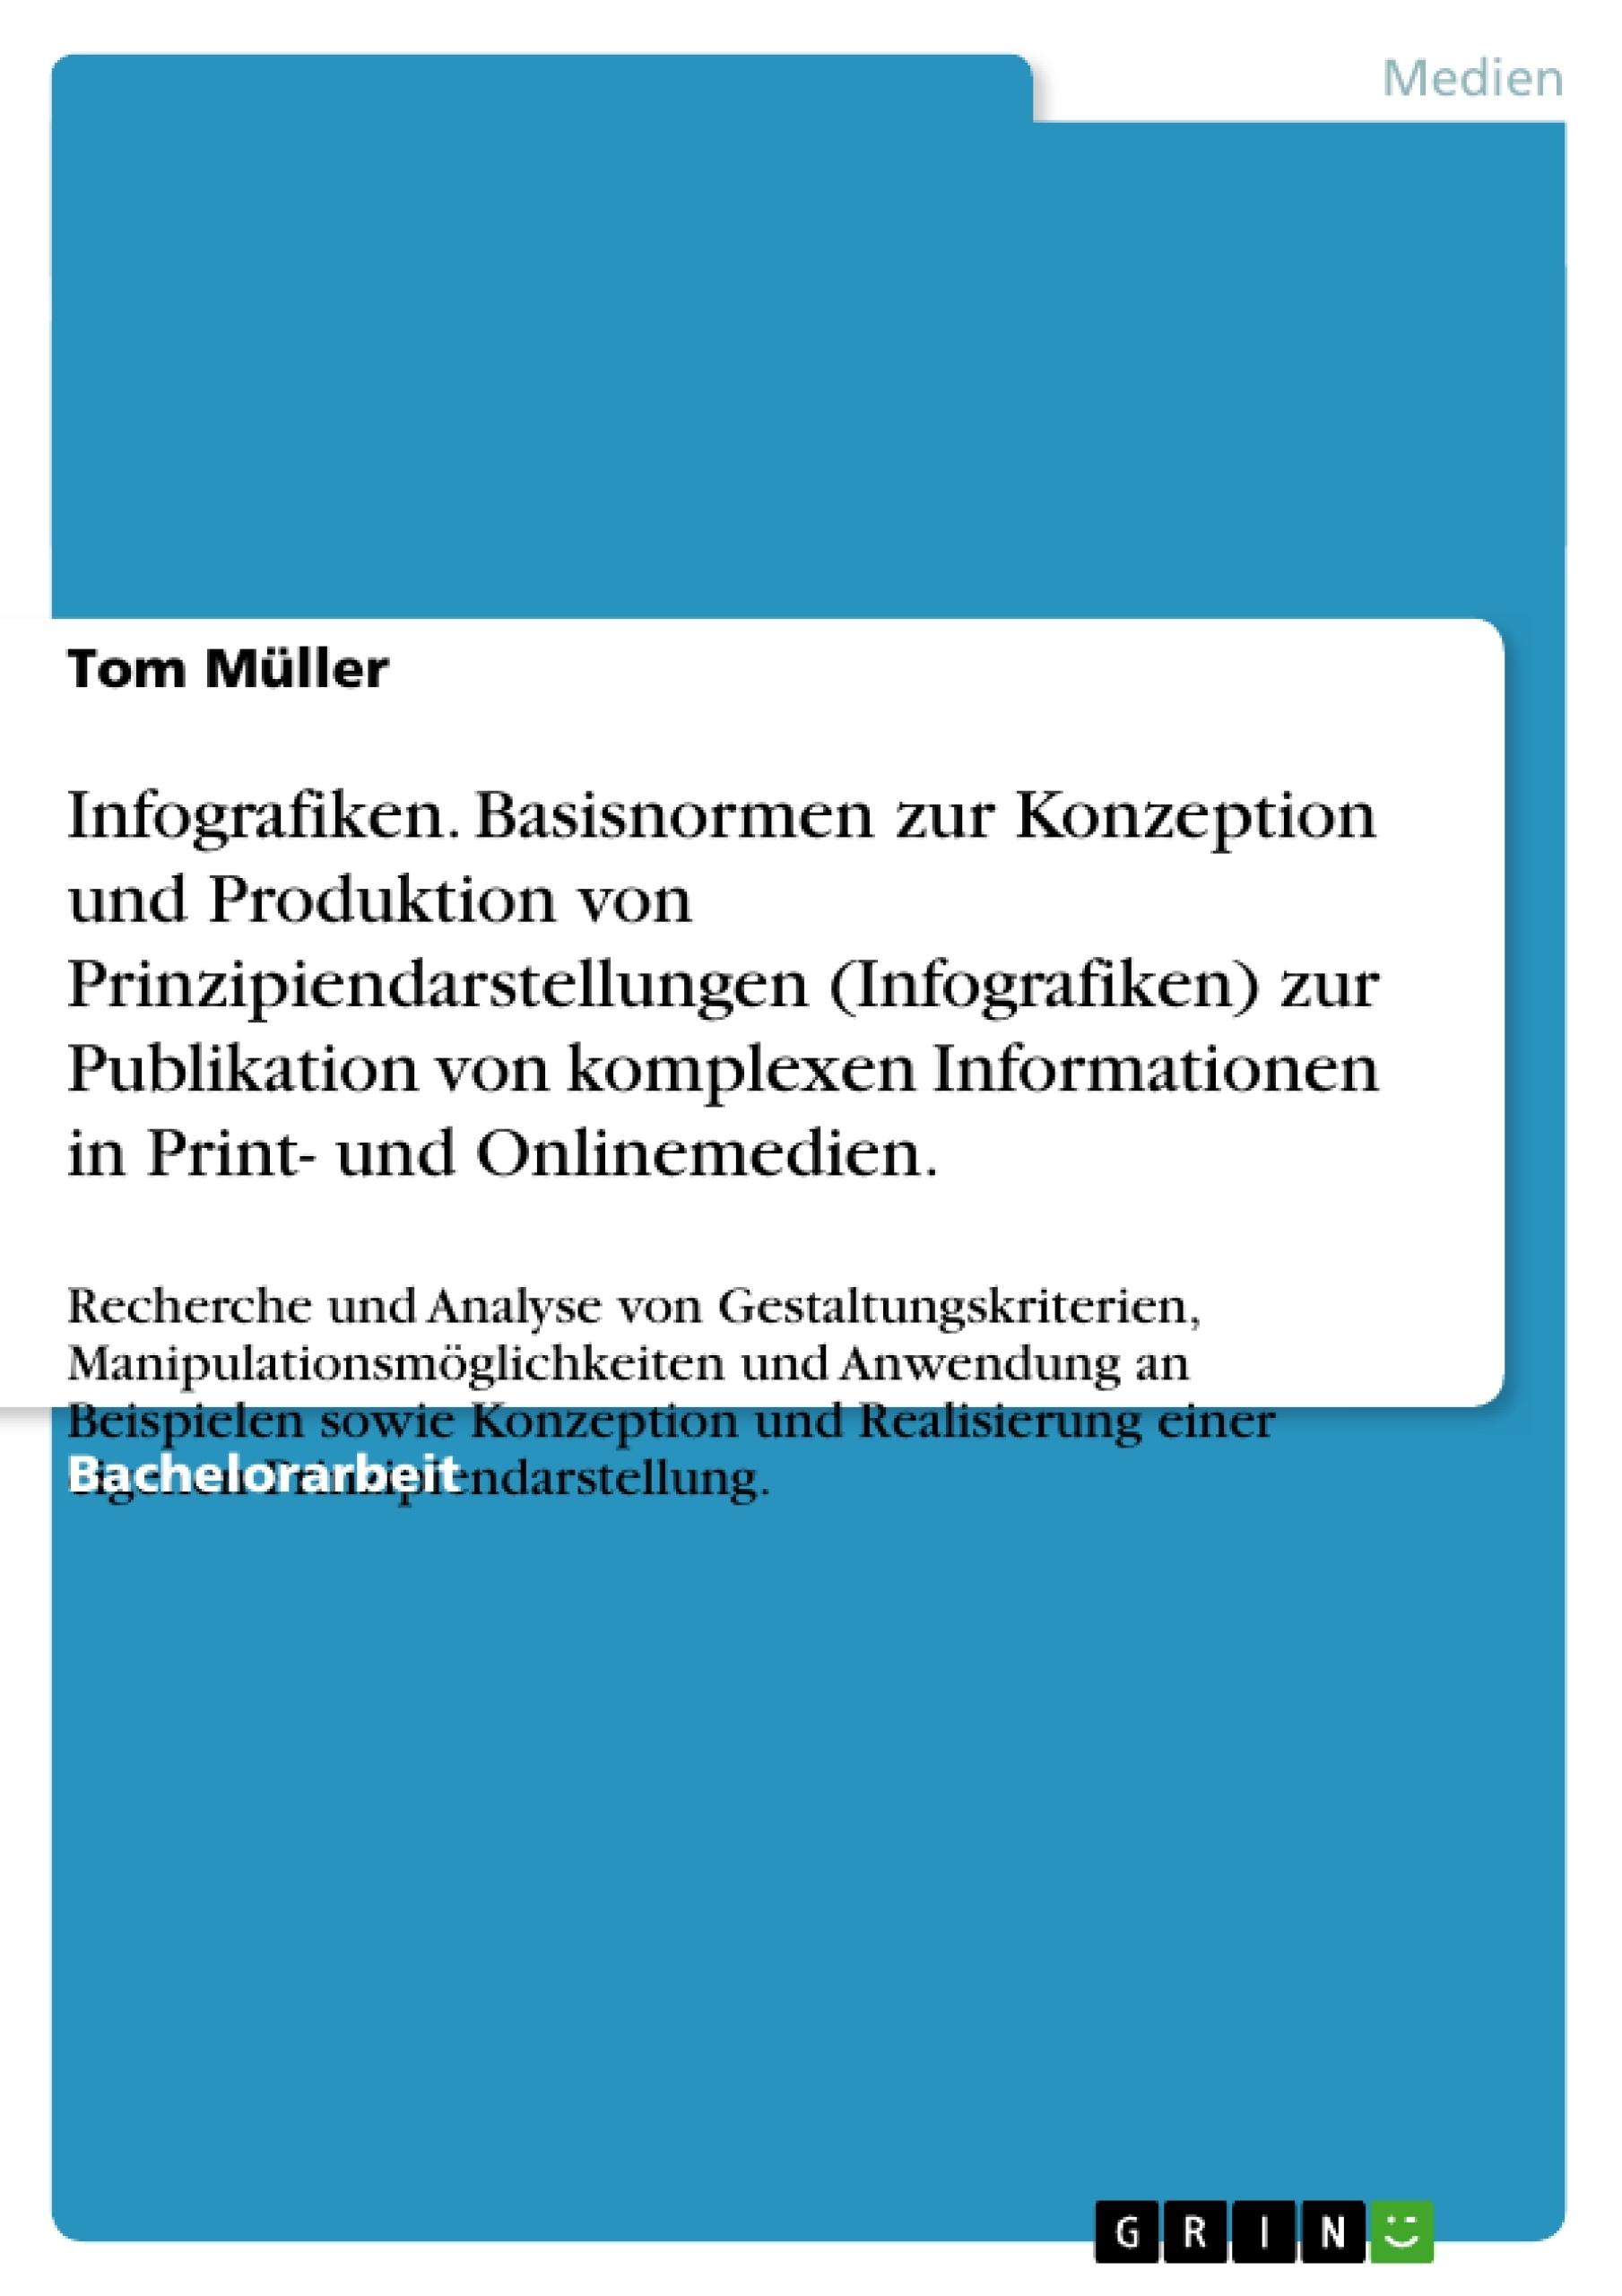 Titel: Infografiken. Basisnormen zur Konzeption und Produktion von Prinzipiendarstellungen (Infografiken) zur Publikation von komplexen Informationen in Print- und Onlinemedien.